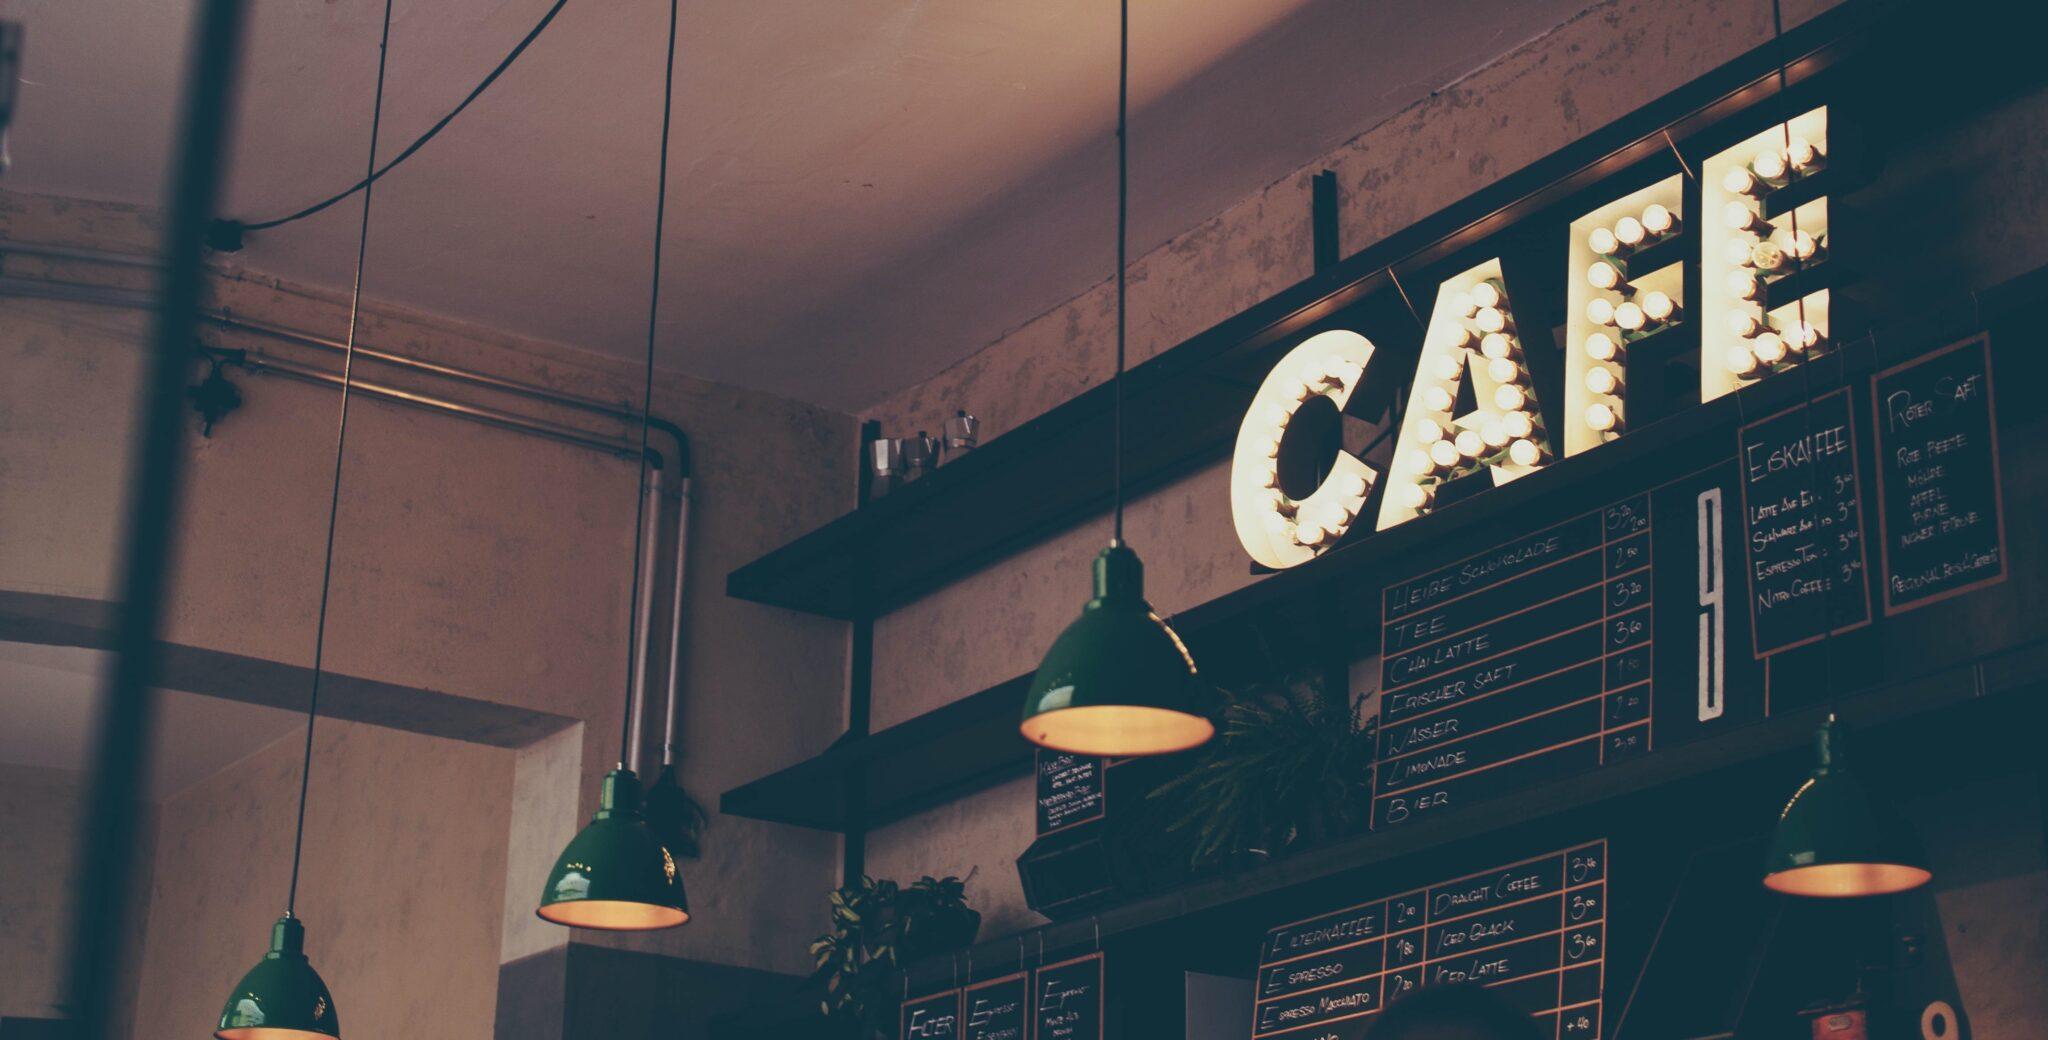 scritta led CAFE di un bar cittadino